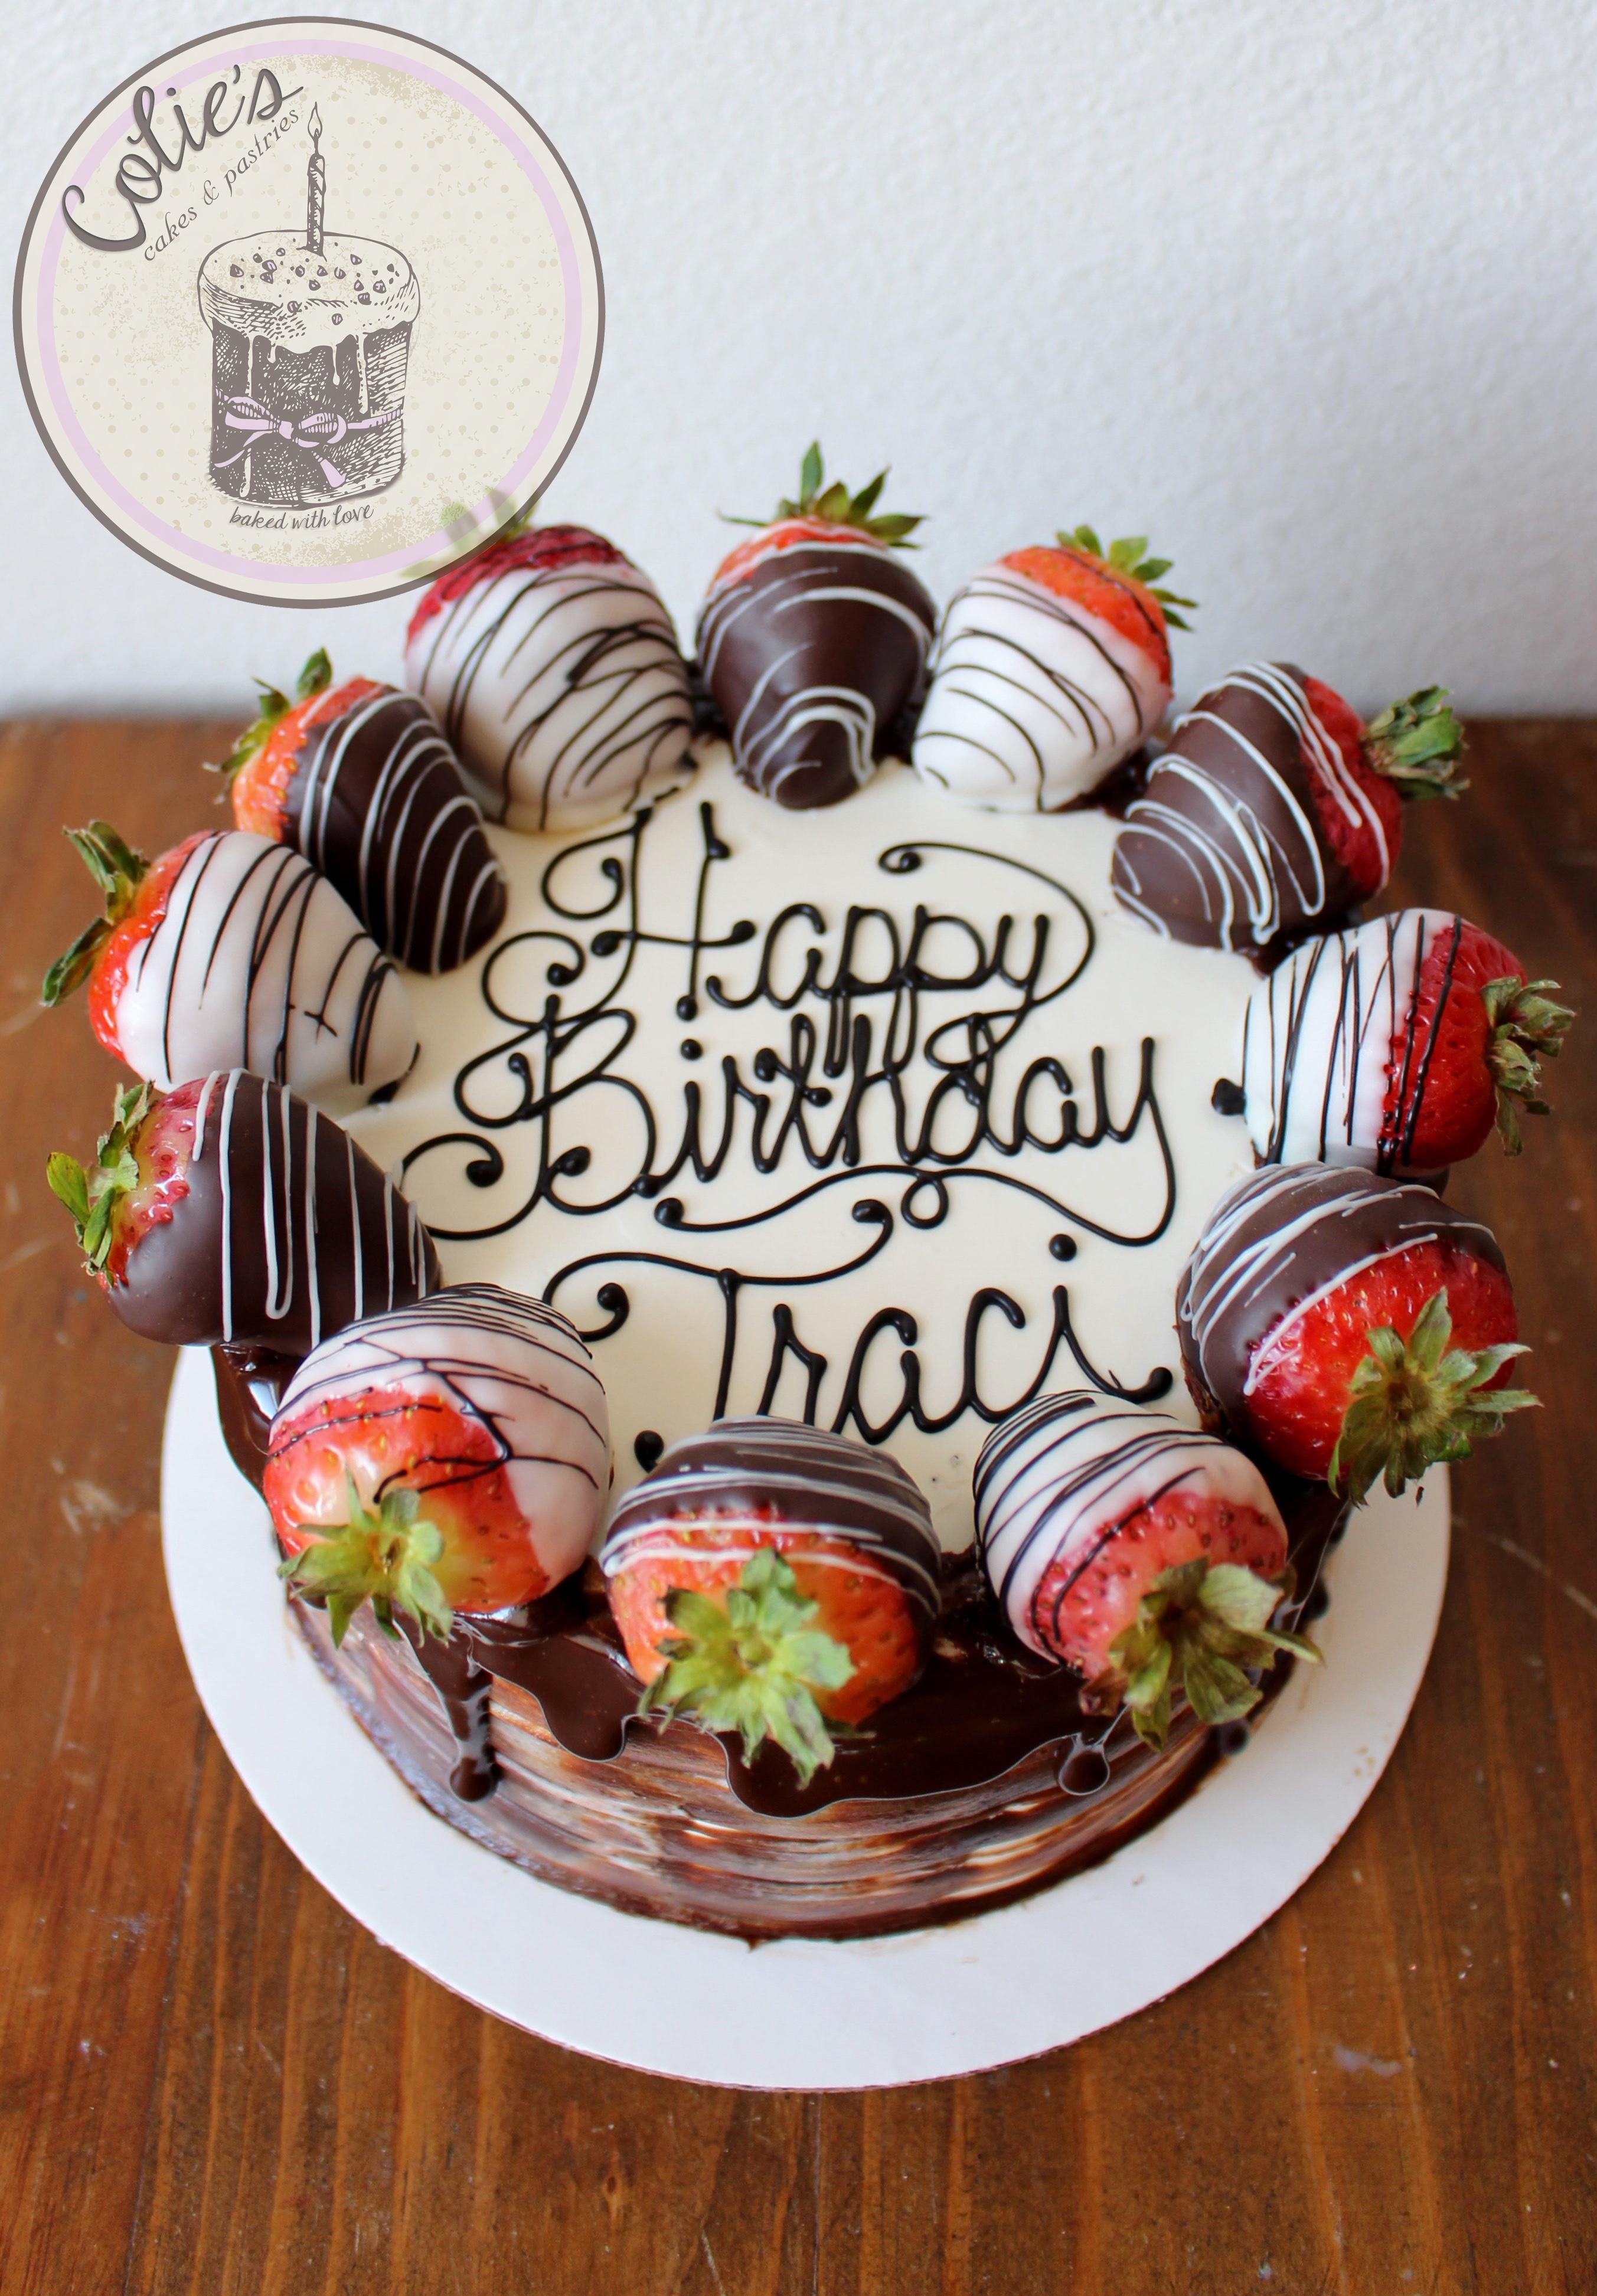 Chocolate Dipped Strawberries Cake 21st Birthday